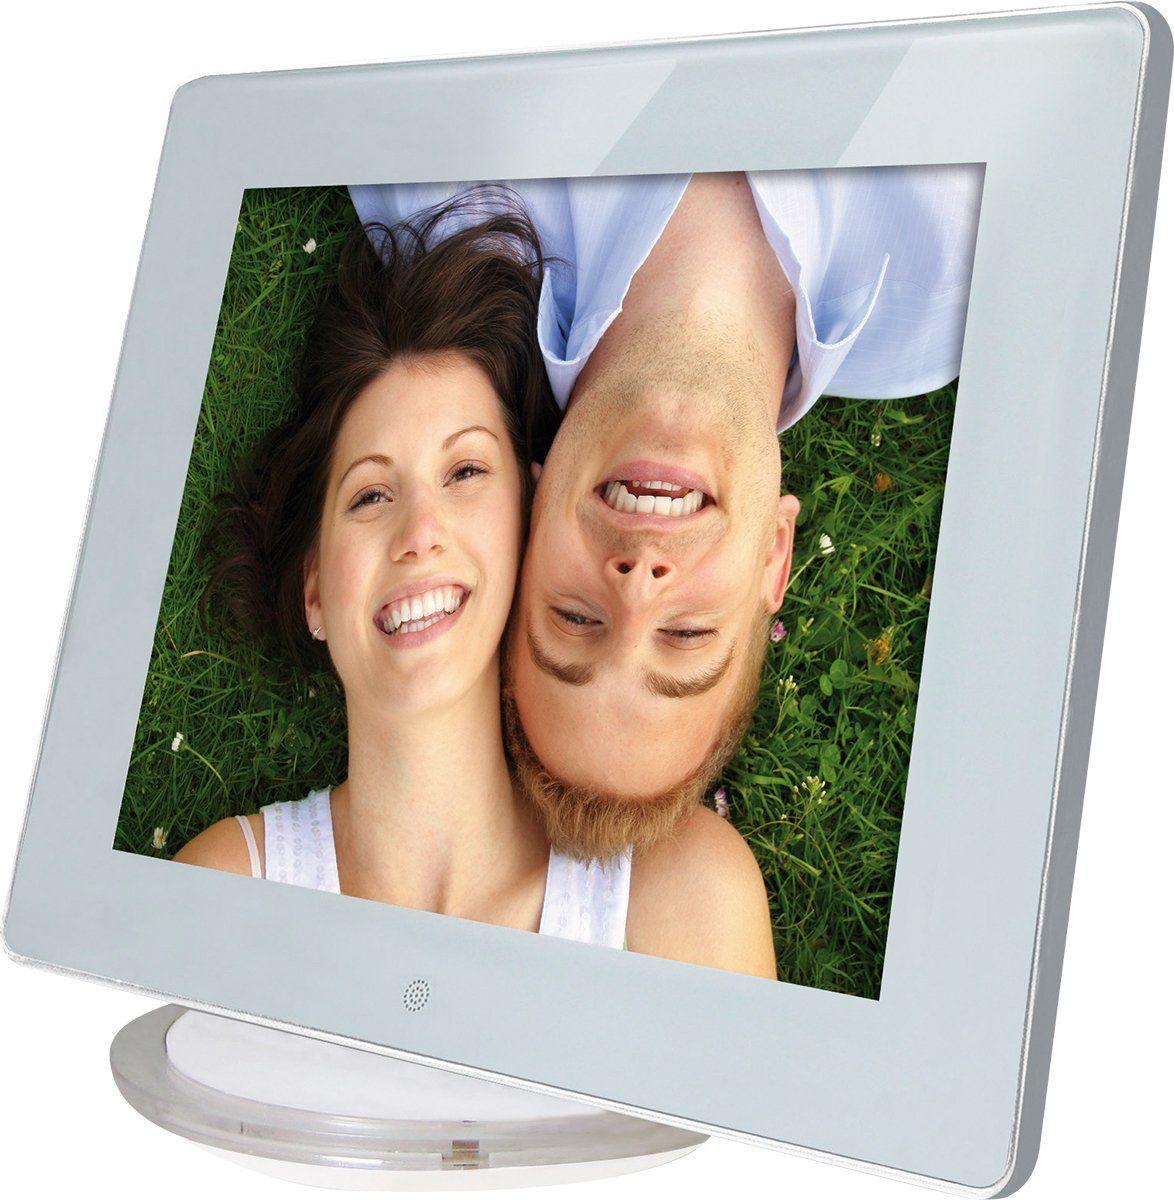 Rollei Designline cyfrowa ramka na zdjęcia (20,32 cm (8 cali), wbudowane głośniki stereo, stacja dokująca) biała